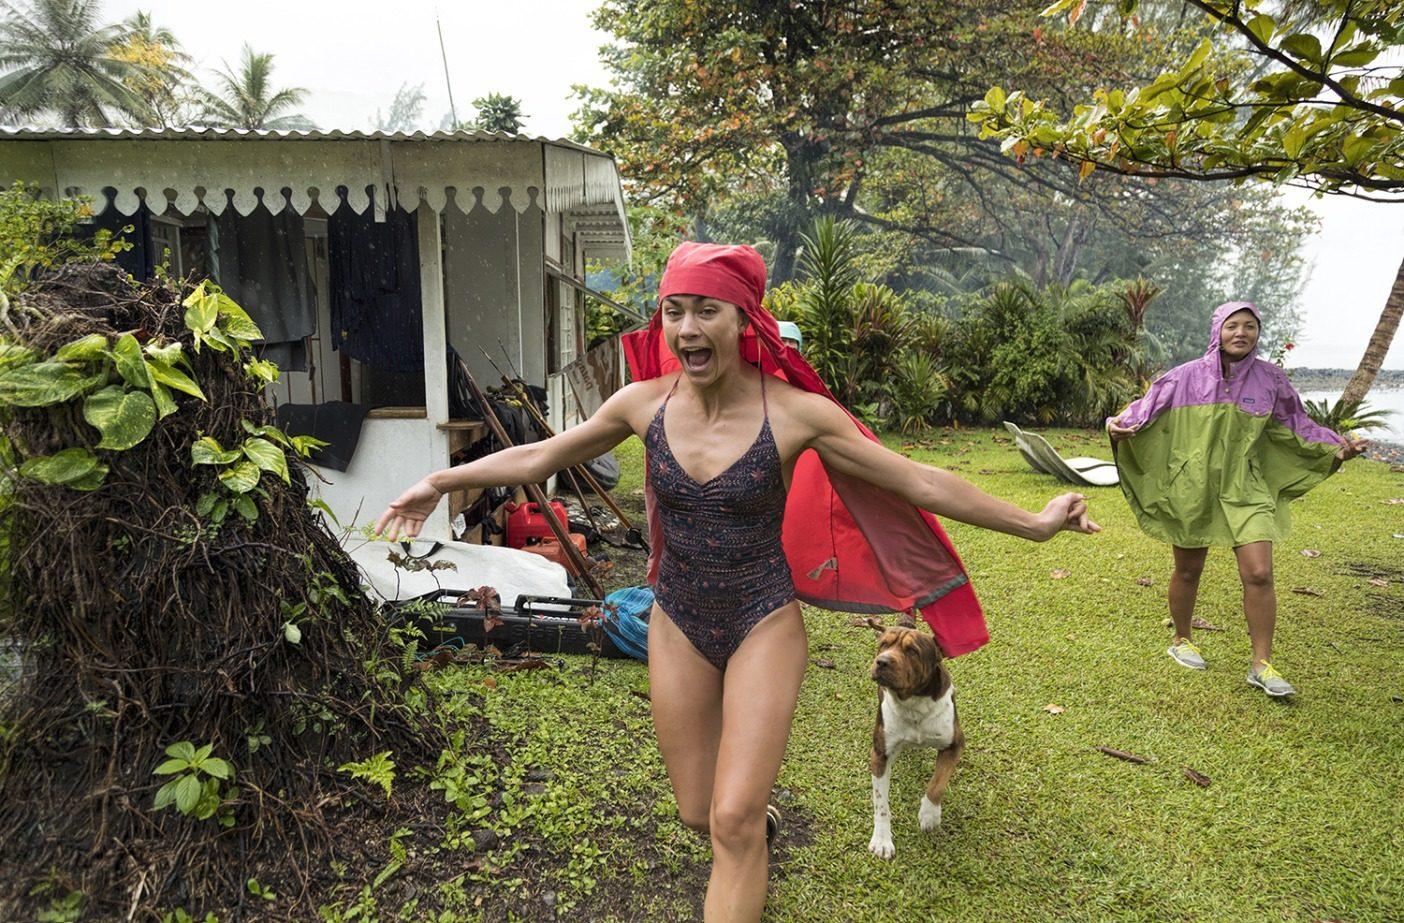 「エネルギーを取り戻した最後の朝、私はバンガローから谷を400 メートルほど登ったところにある淡水池へひと走りするという考えで目が覚めました。雨が激しく降っていましたが、私たちはスイムスーツとレインジャケットを身に着けて、この魔法のような場所を味わう最後の ひとときのために池へと出発しました。」──リズ Photo: Justin Turkowski